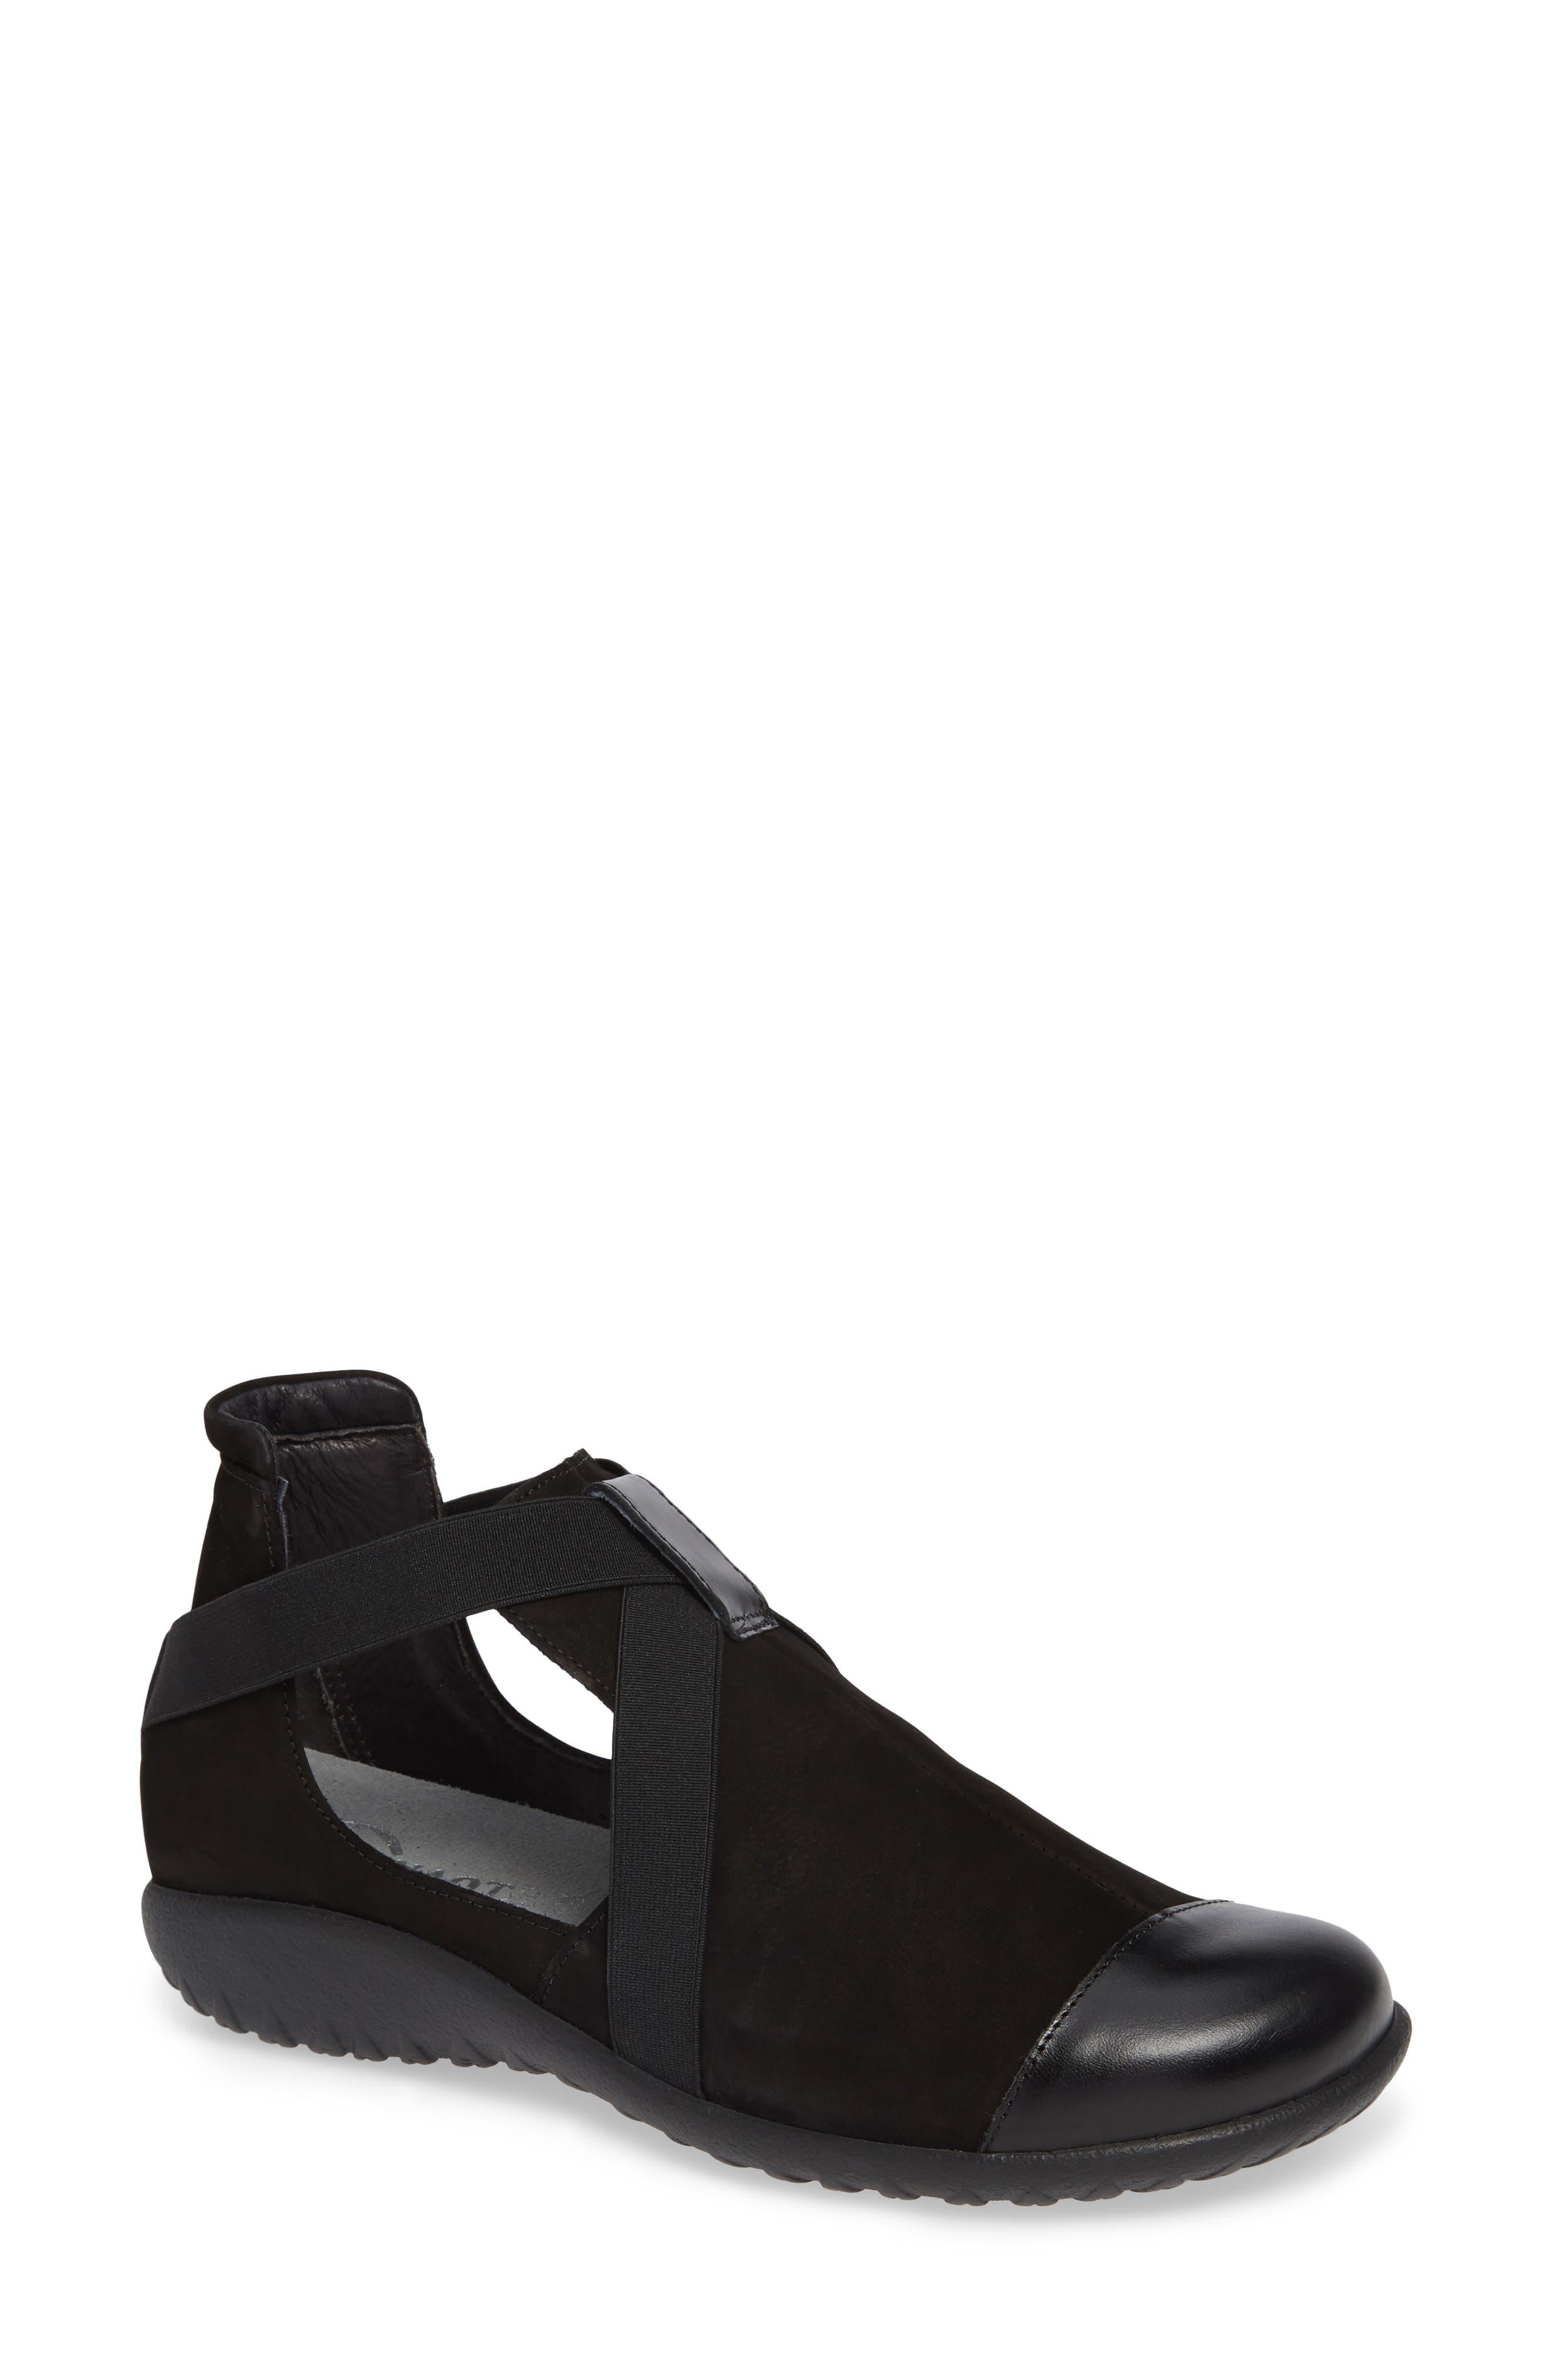 Rakua Slip On Sneaker,                             Main thumbnail 1, color,                             BLACK NUBUCK